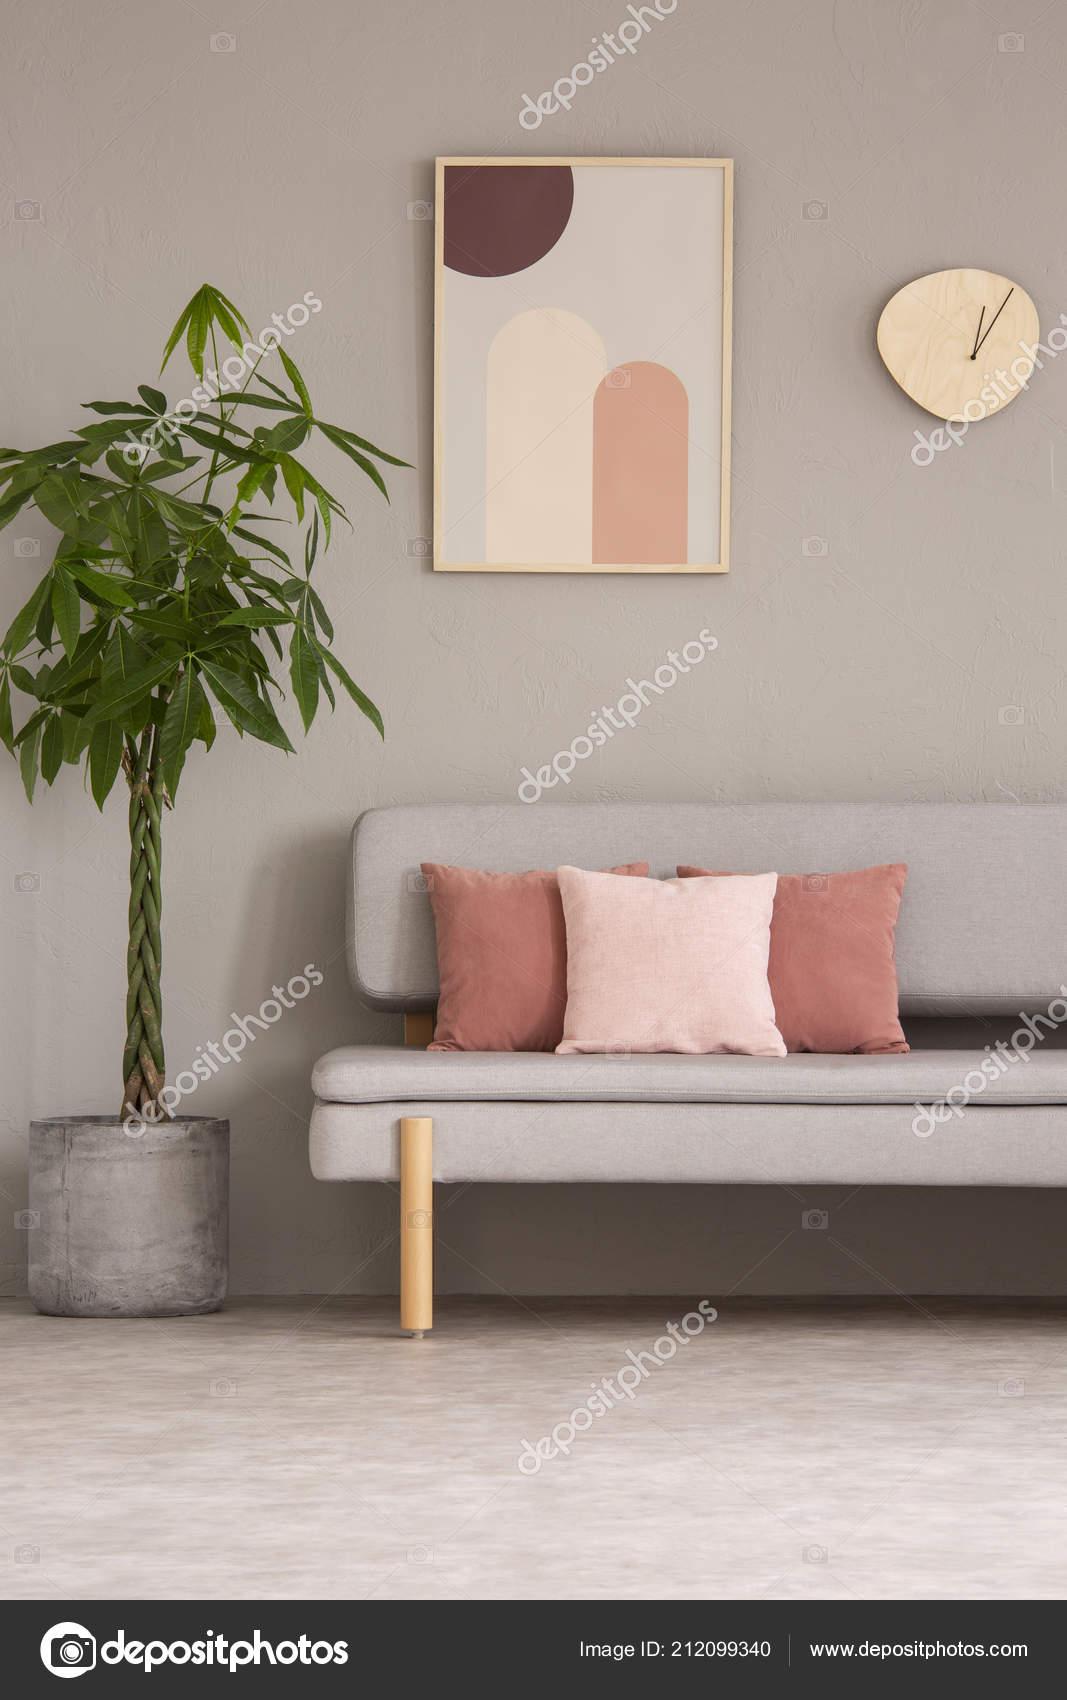 Affiche Horloge Dessus Canapé Dans Salon Gris Rose Intérieur ...